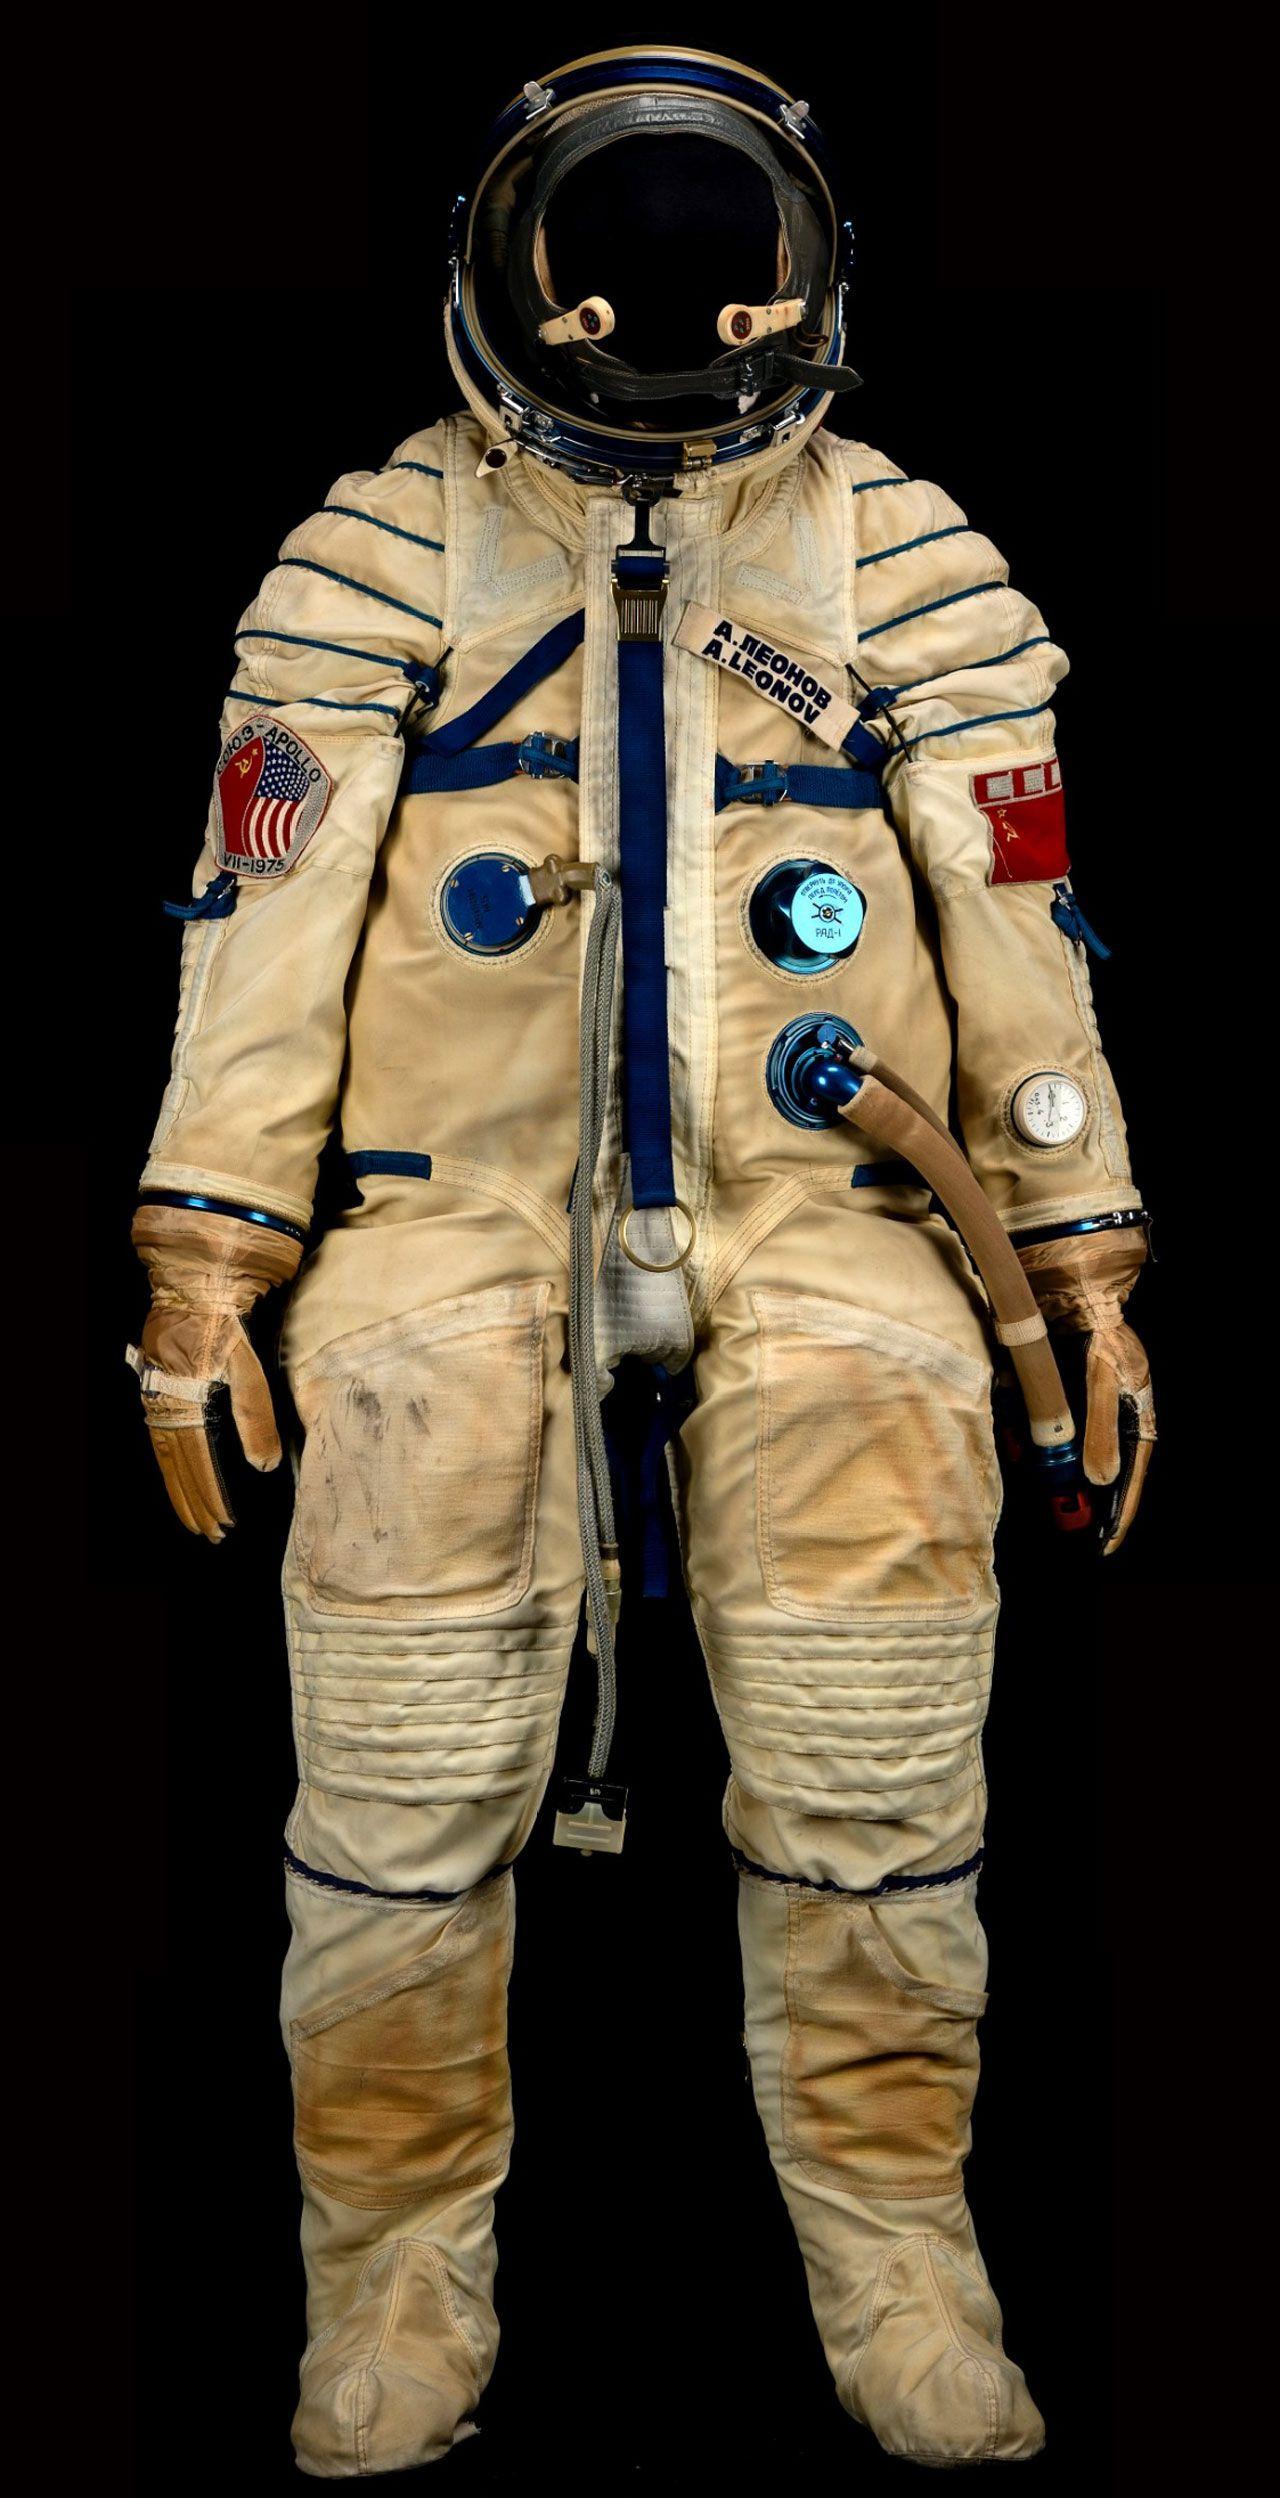 astronaut in suit - 736×1436